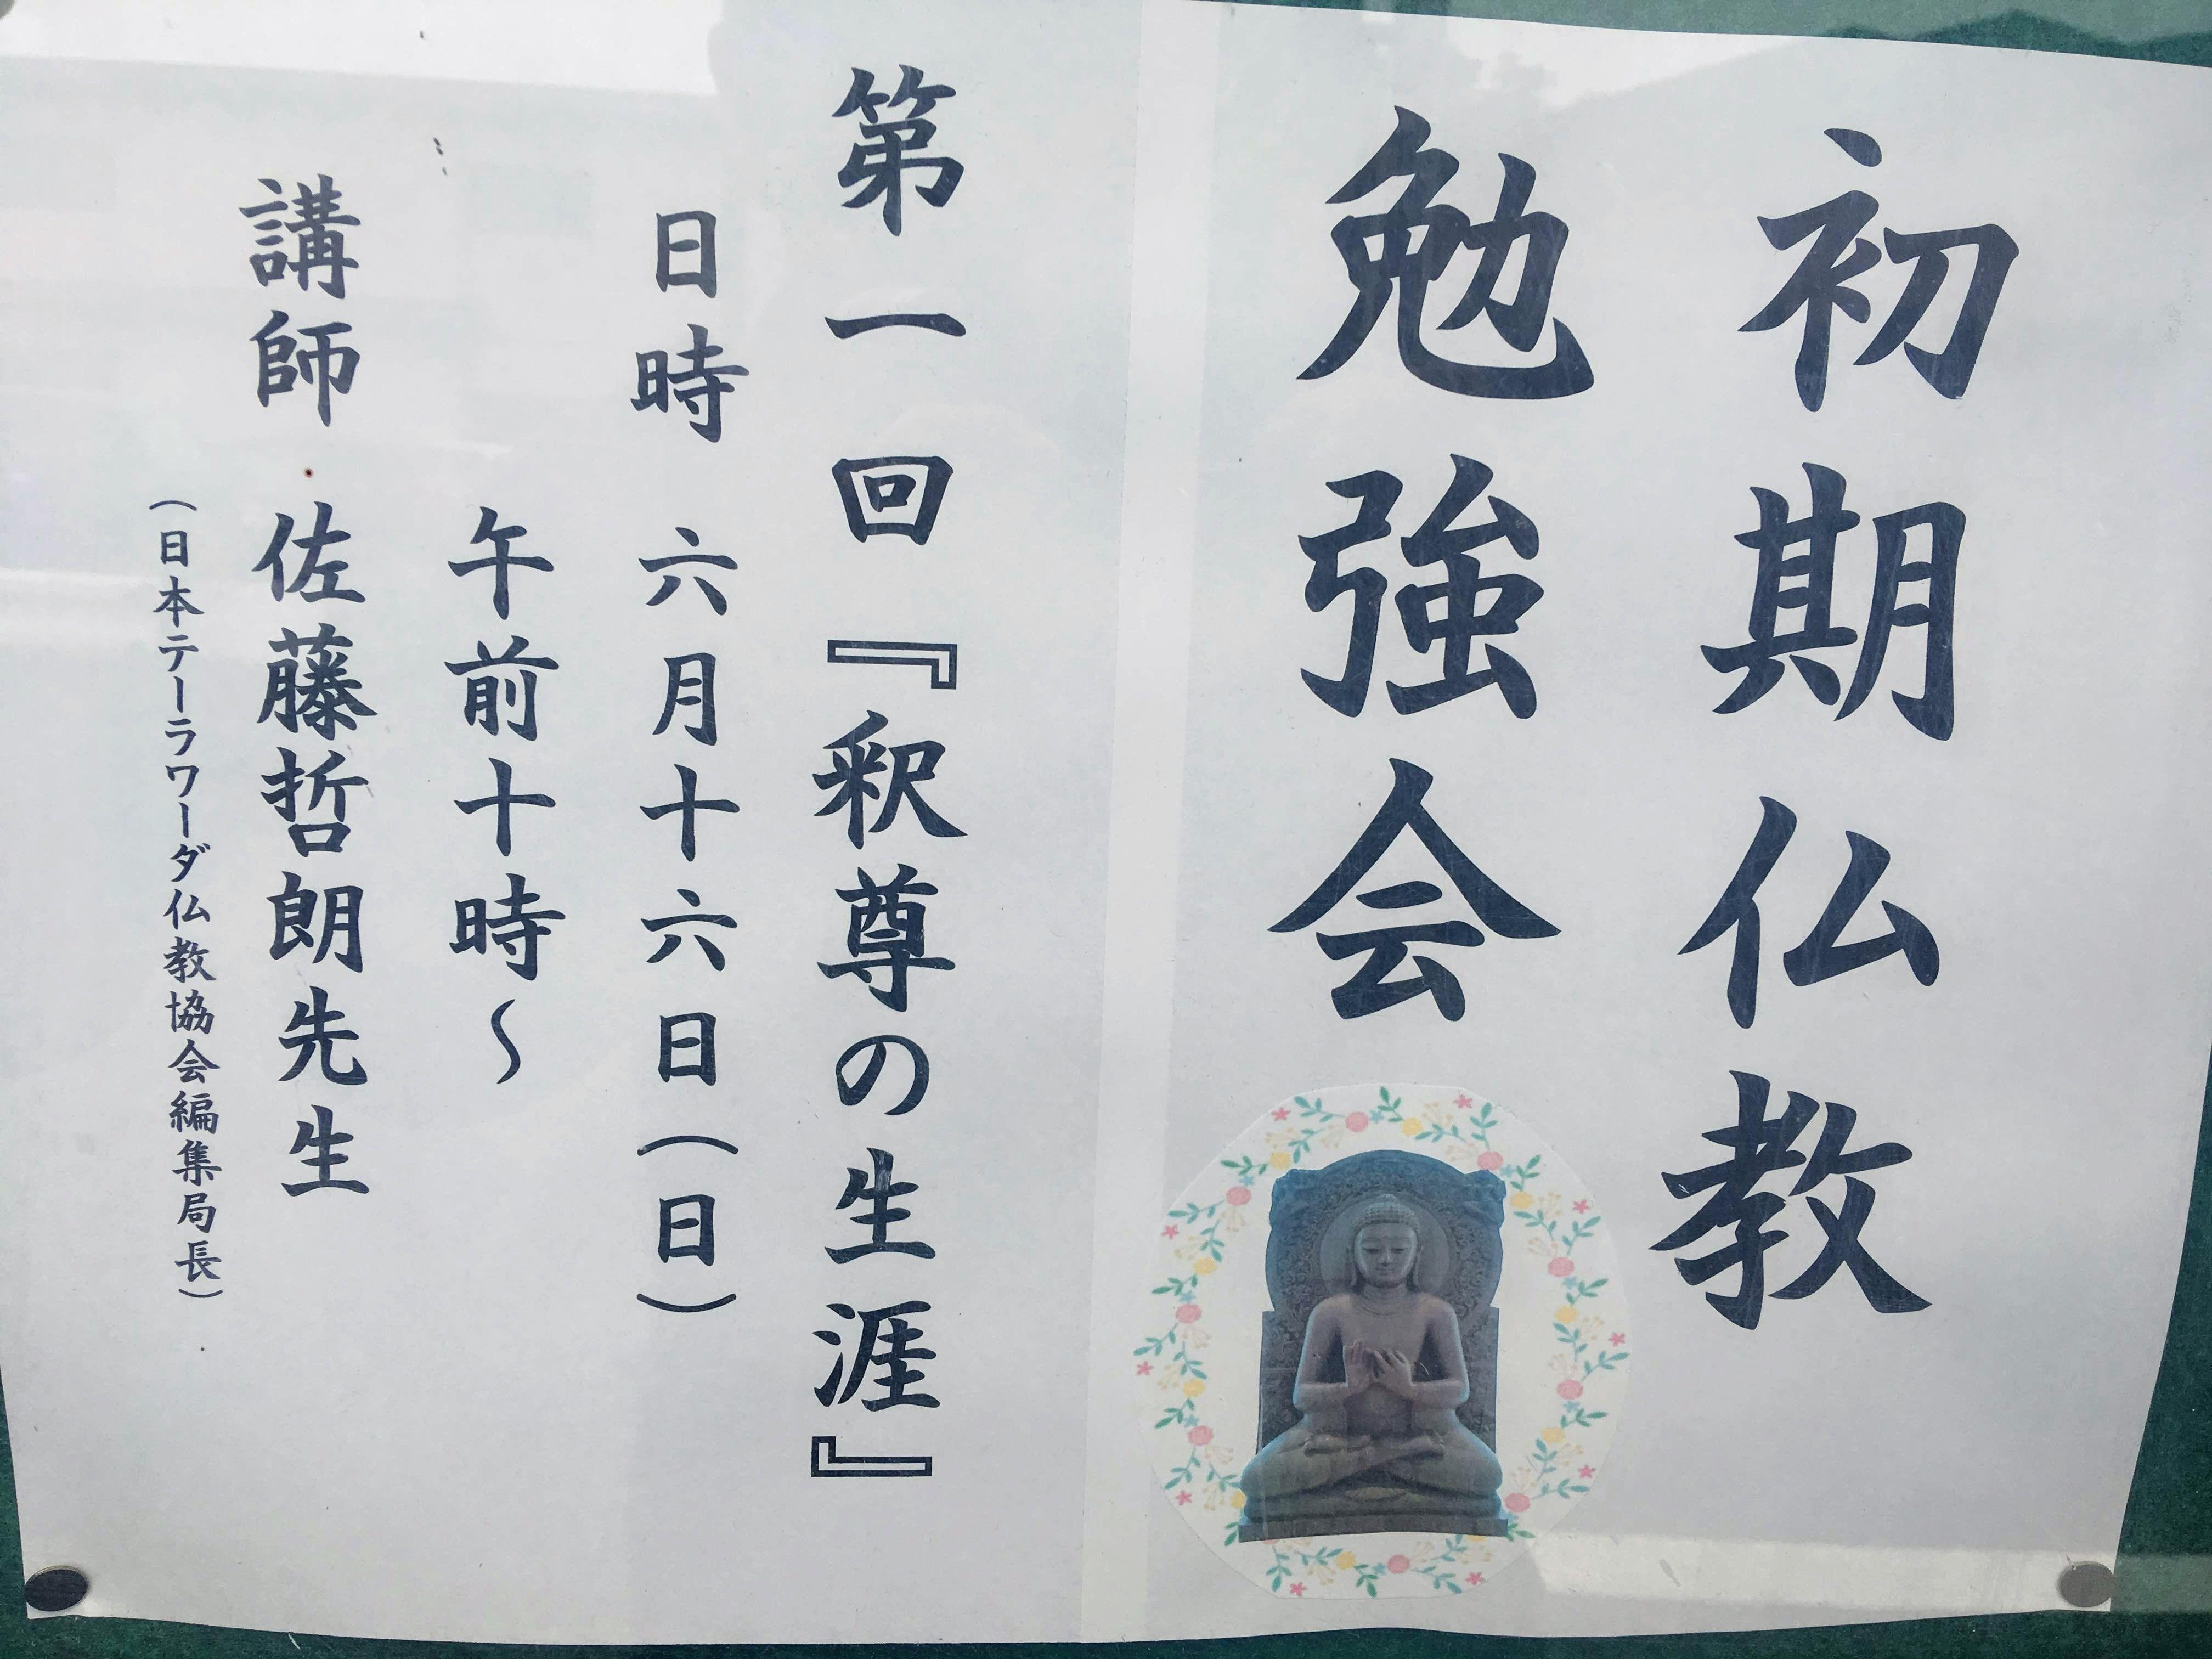 新潟ダンマサークル準備会(活動記録)